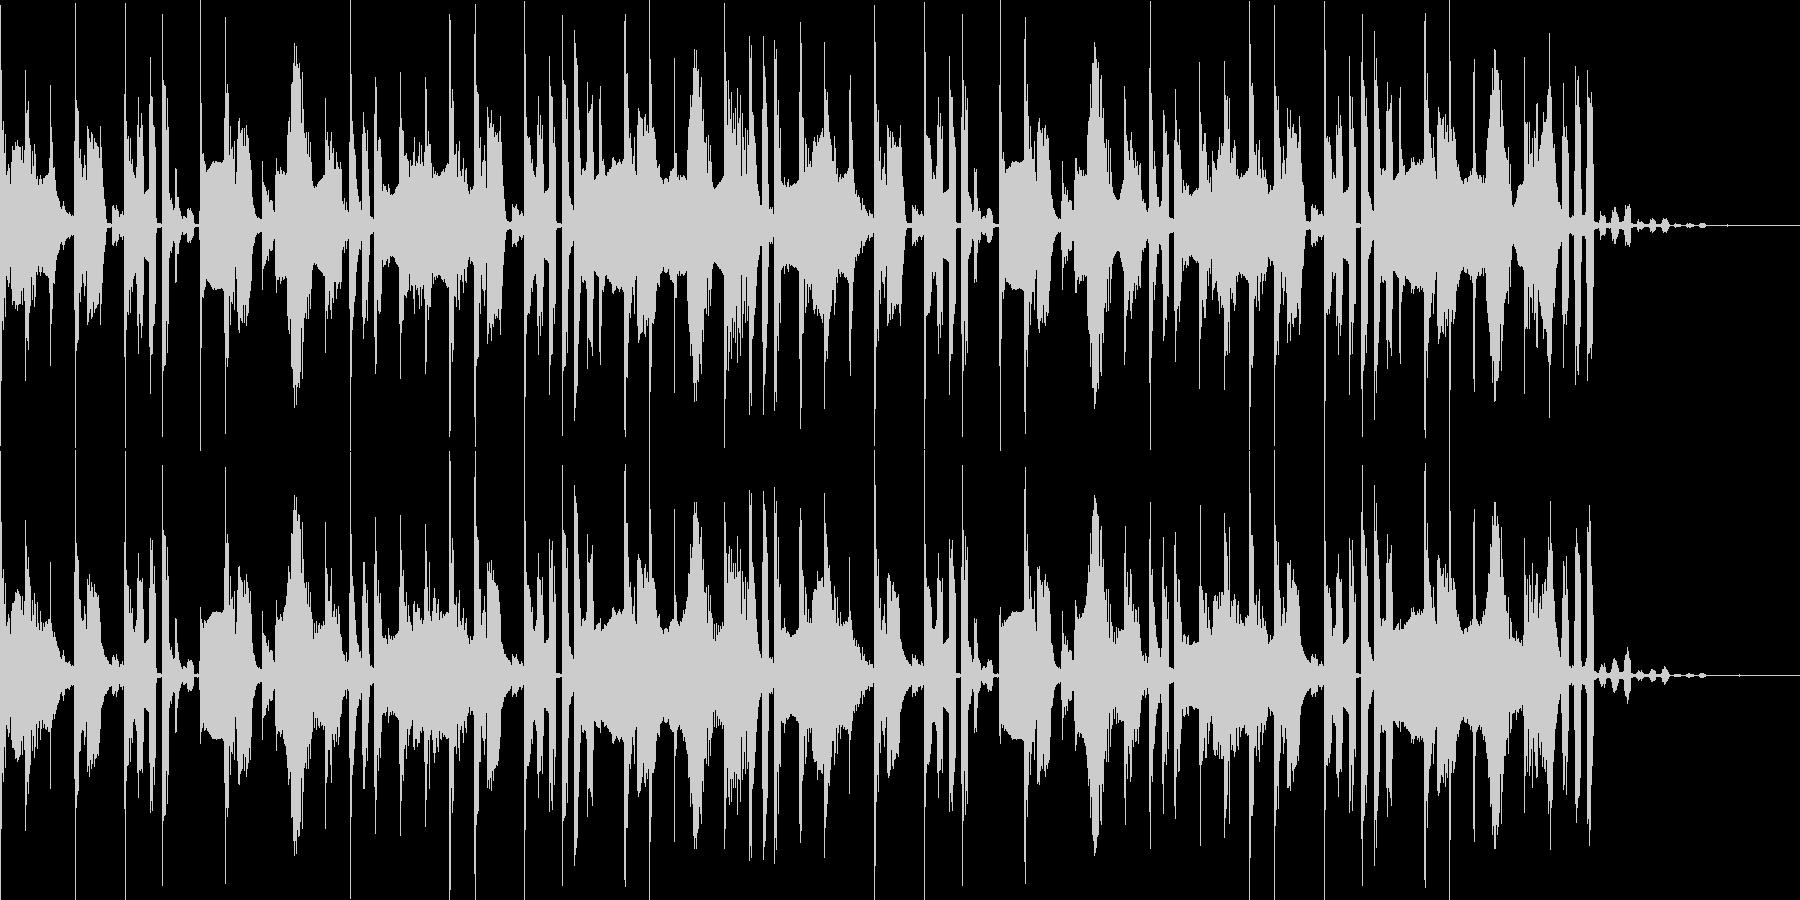 ファミコンのゲーム音楽のようなジングルの未再生の波形